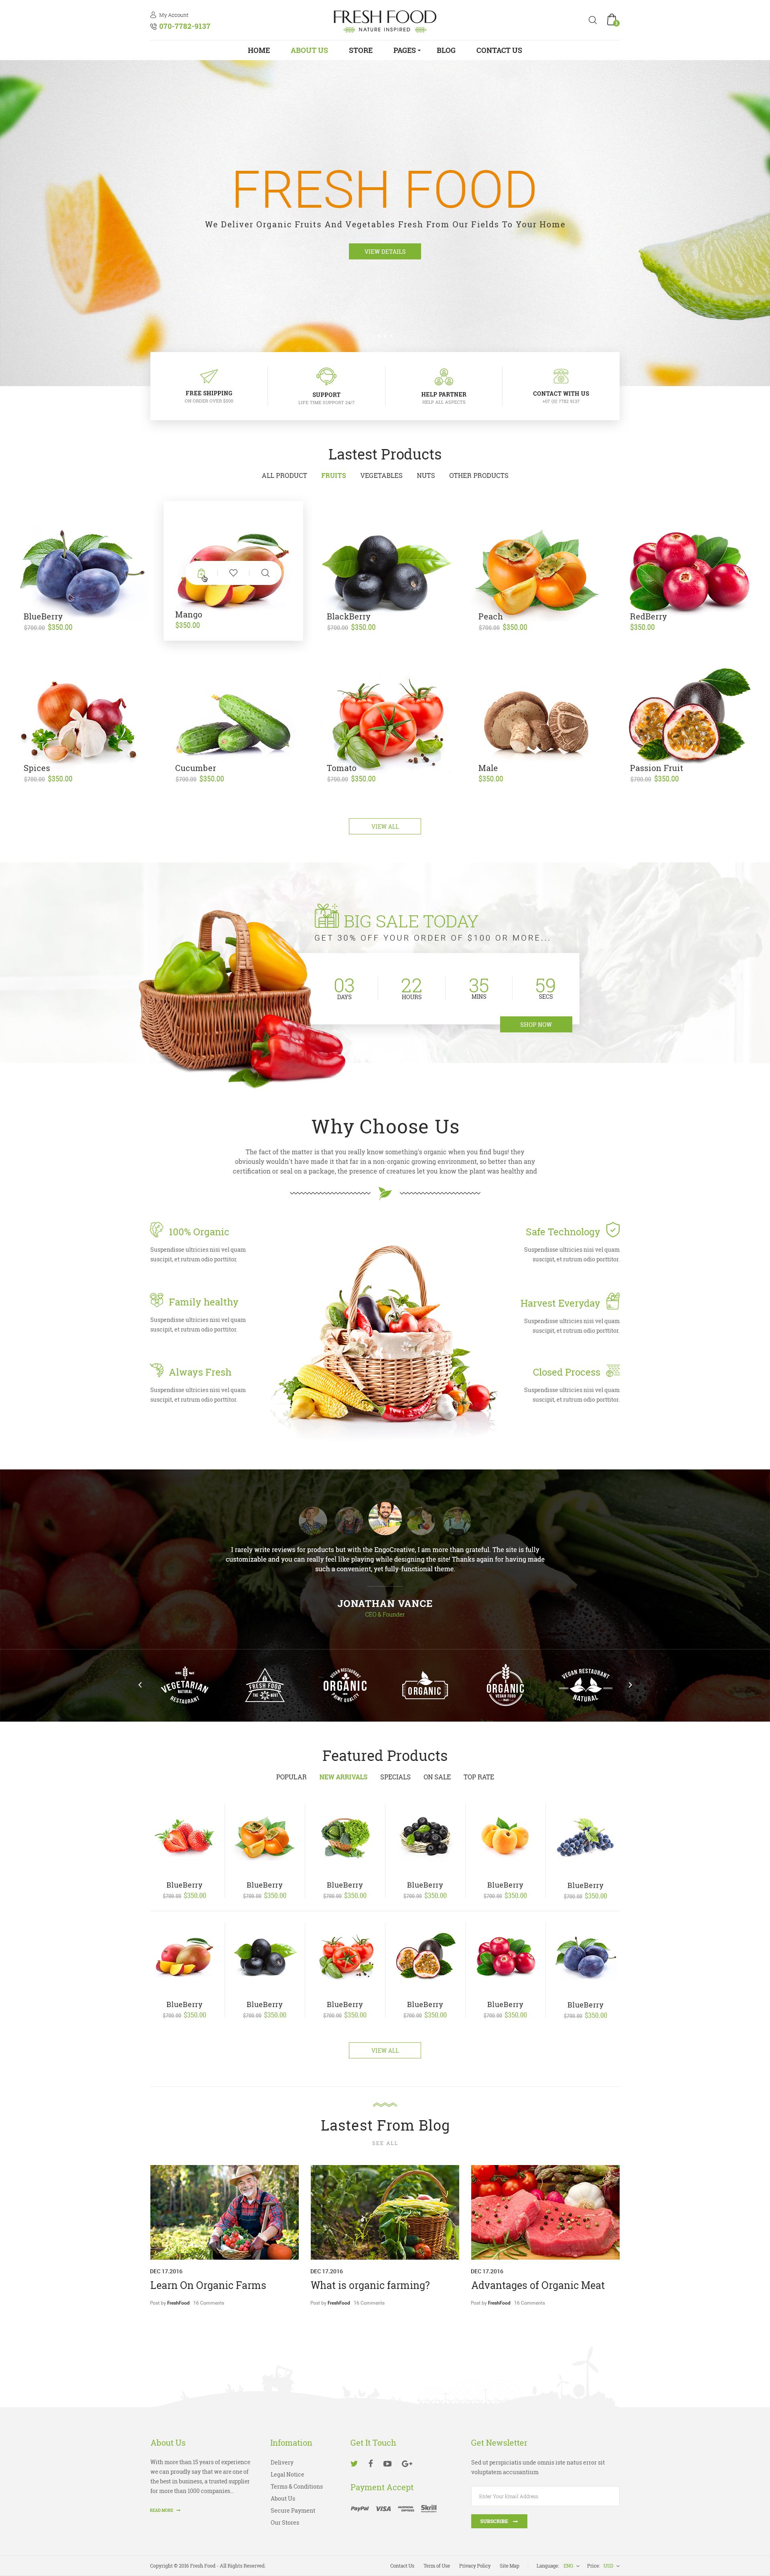 Fresh food organic foodfruitvegetables ecommerce psd template by fresh food organic foodfruitvegetables ecommerce psd template forumfinder Choice Image